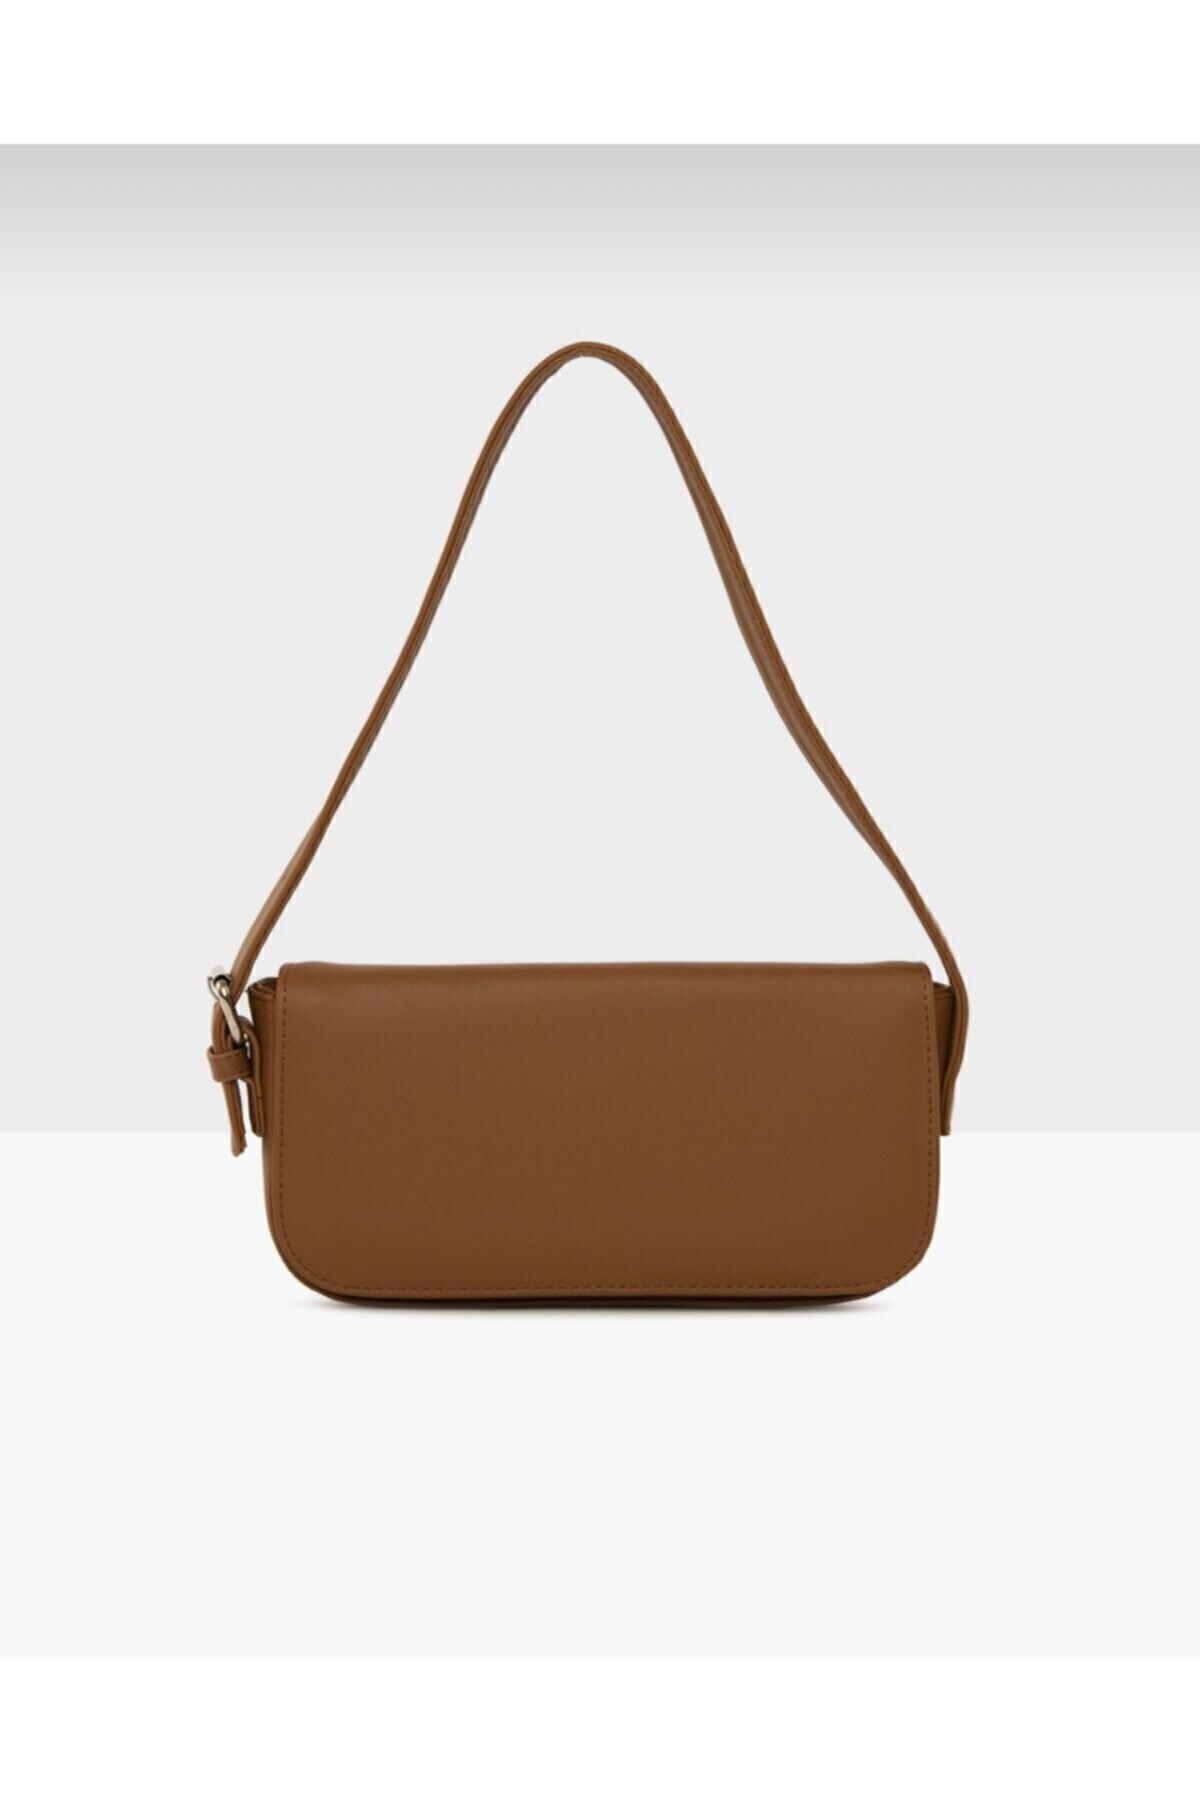 bag&more Kadın Taba Kapaklı Baget Çanta 1